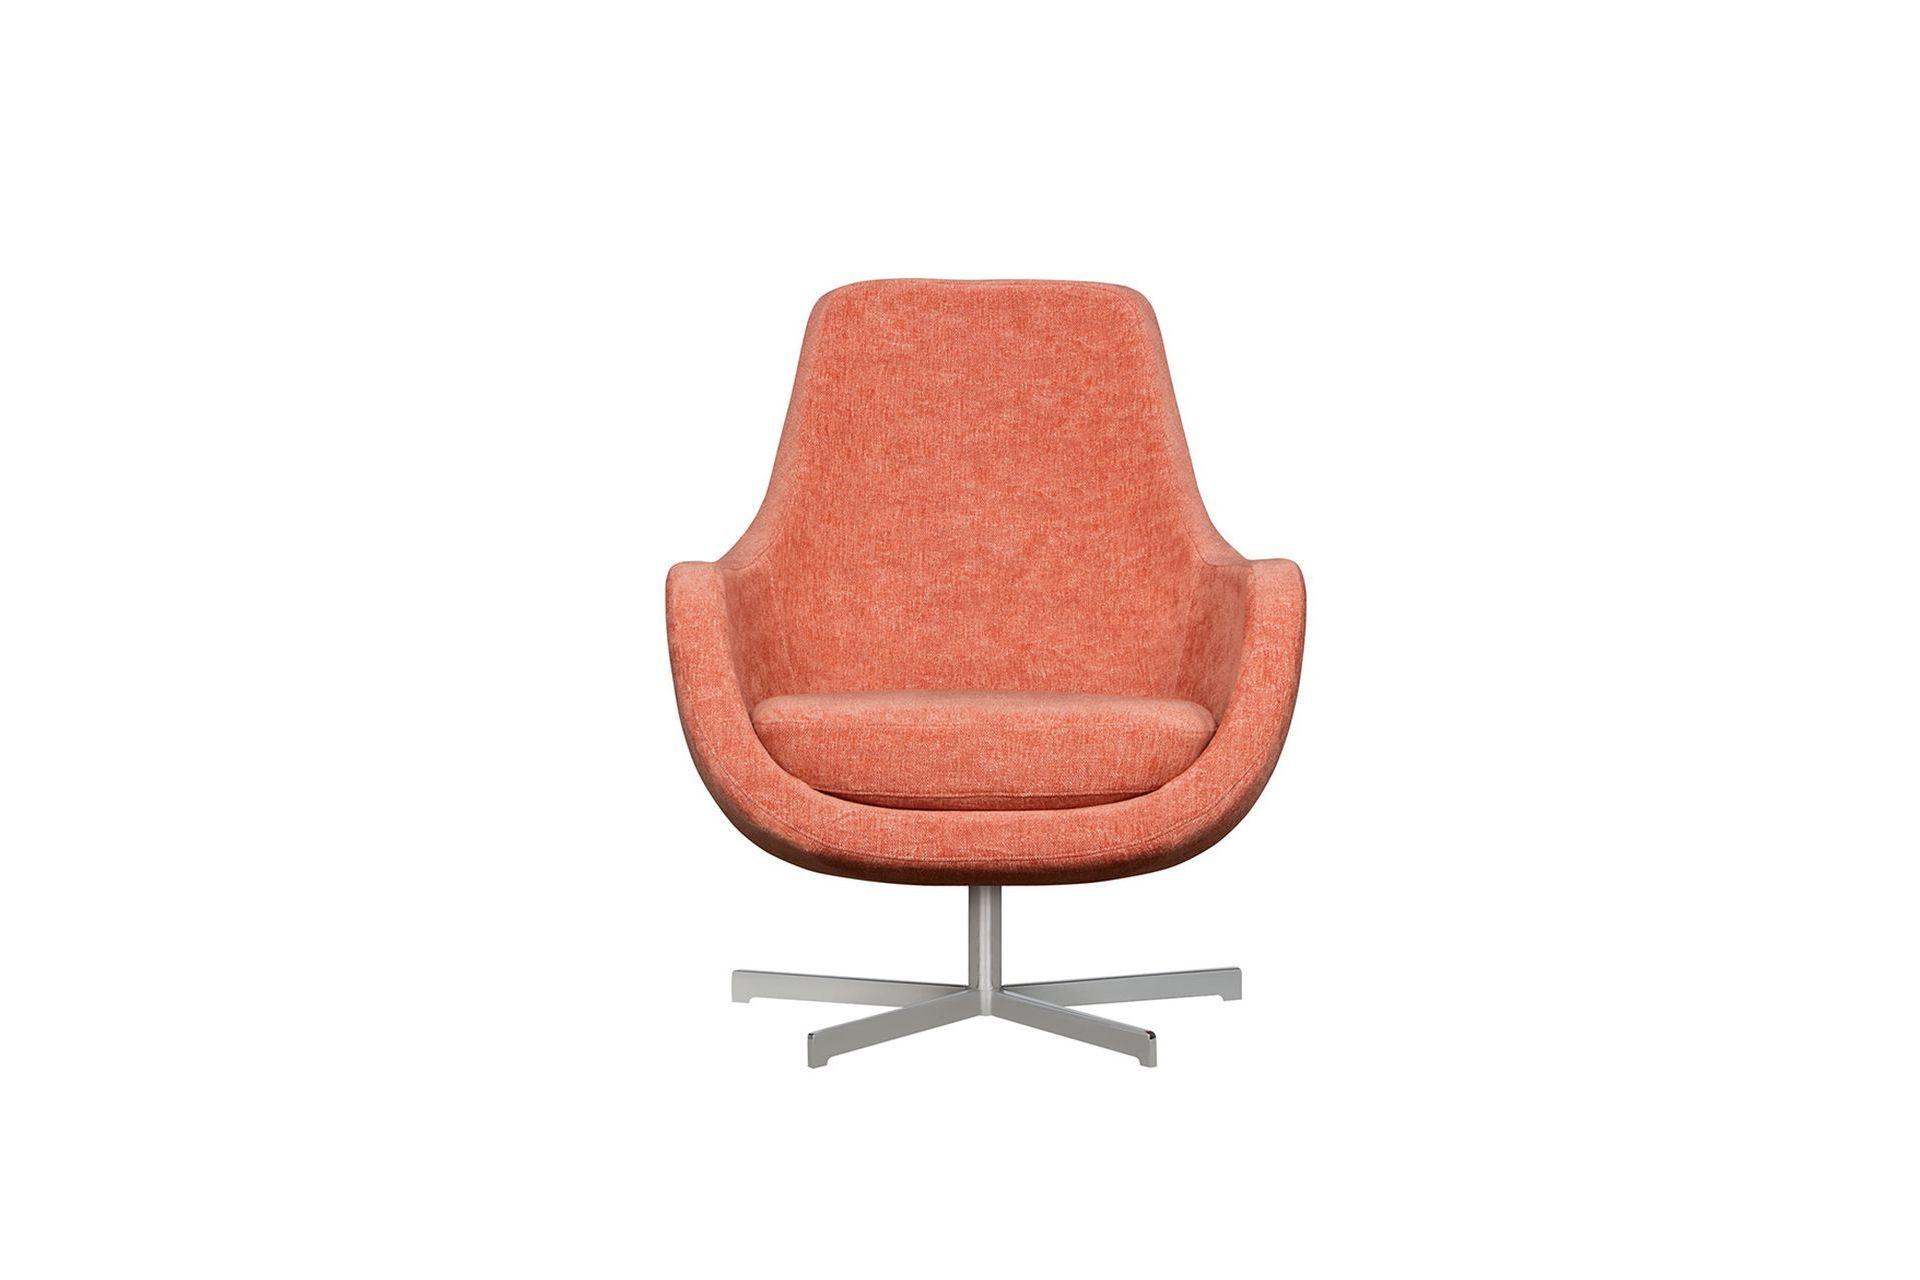 Кресло Sits 15447128 от thefurnish